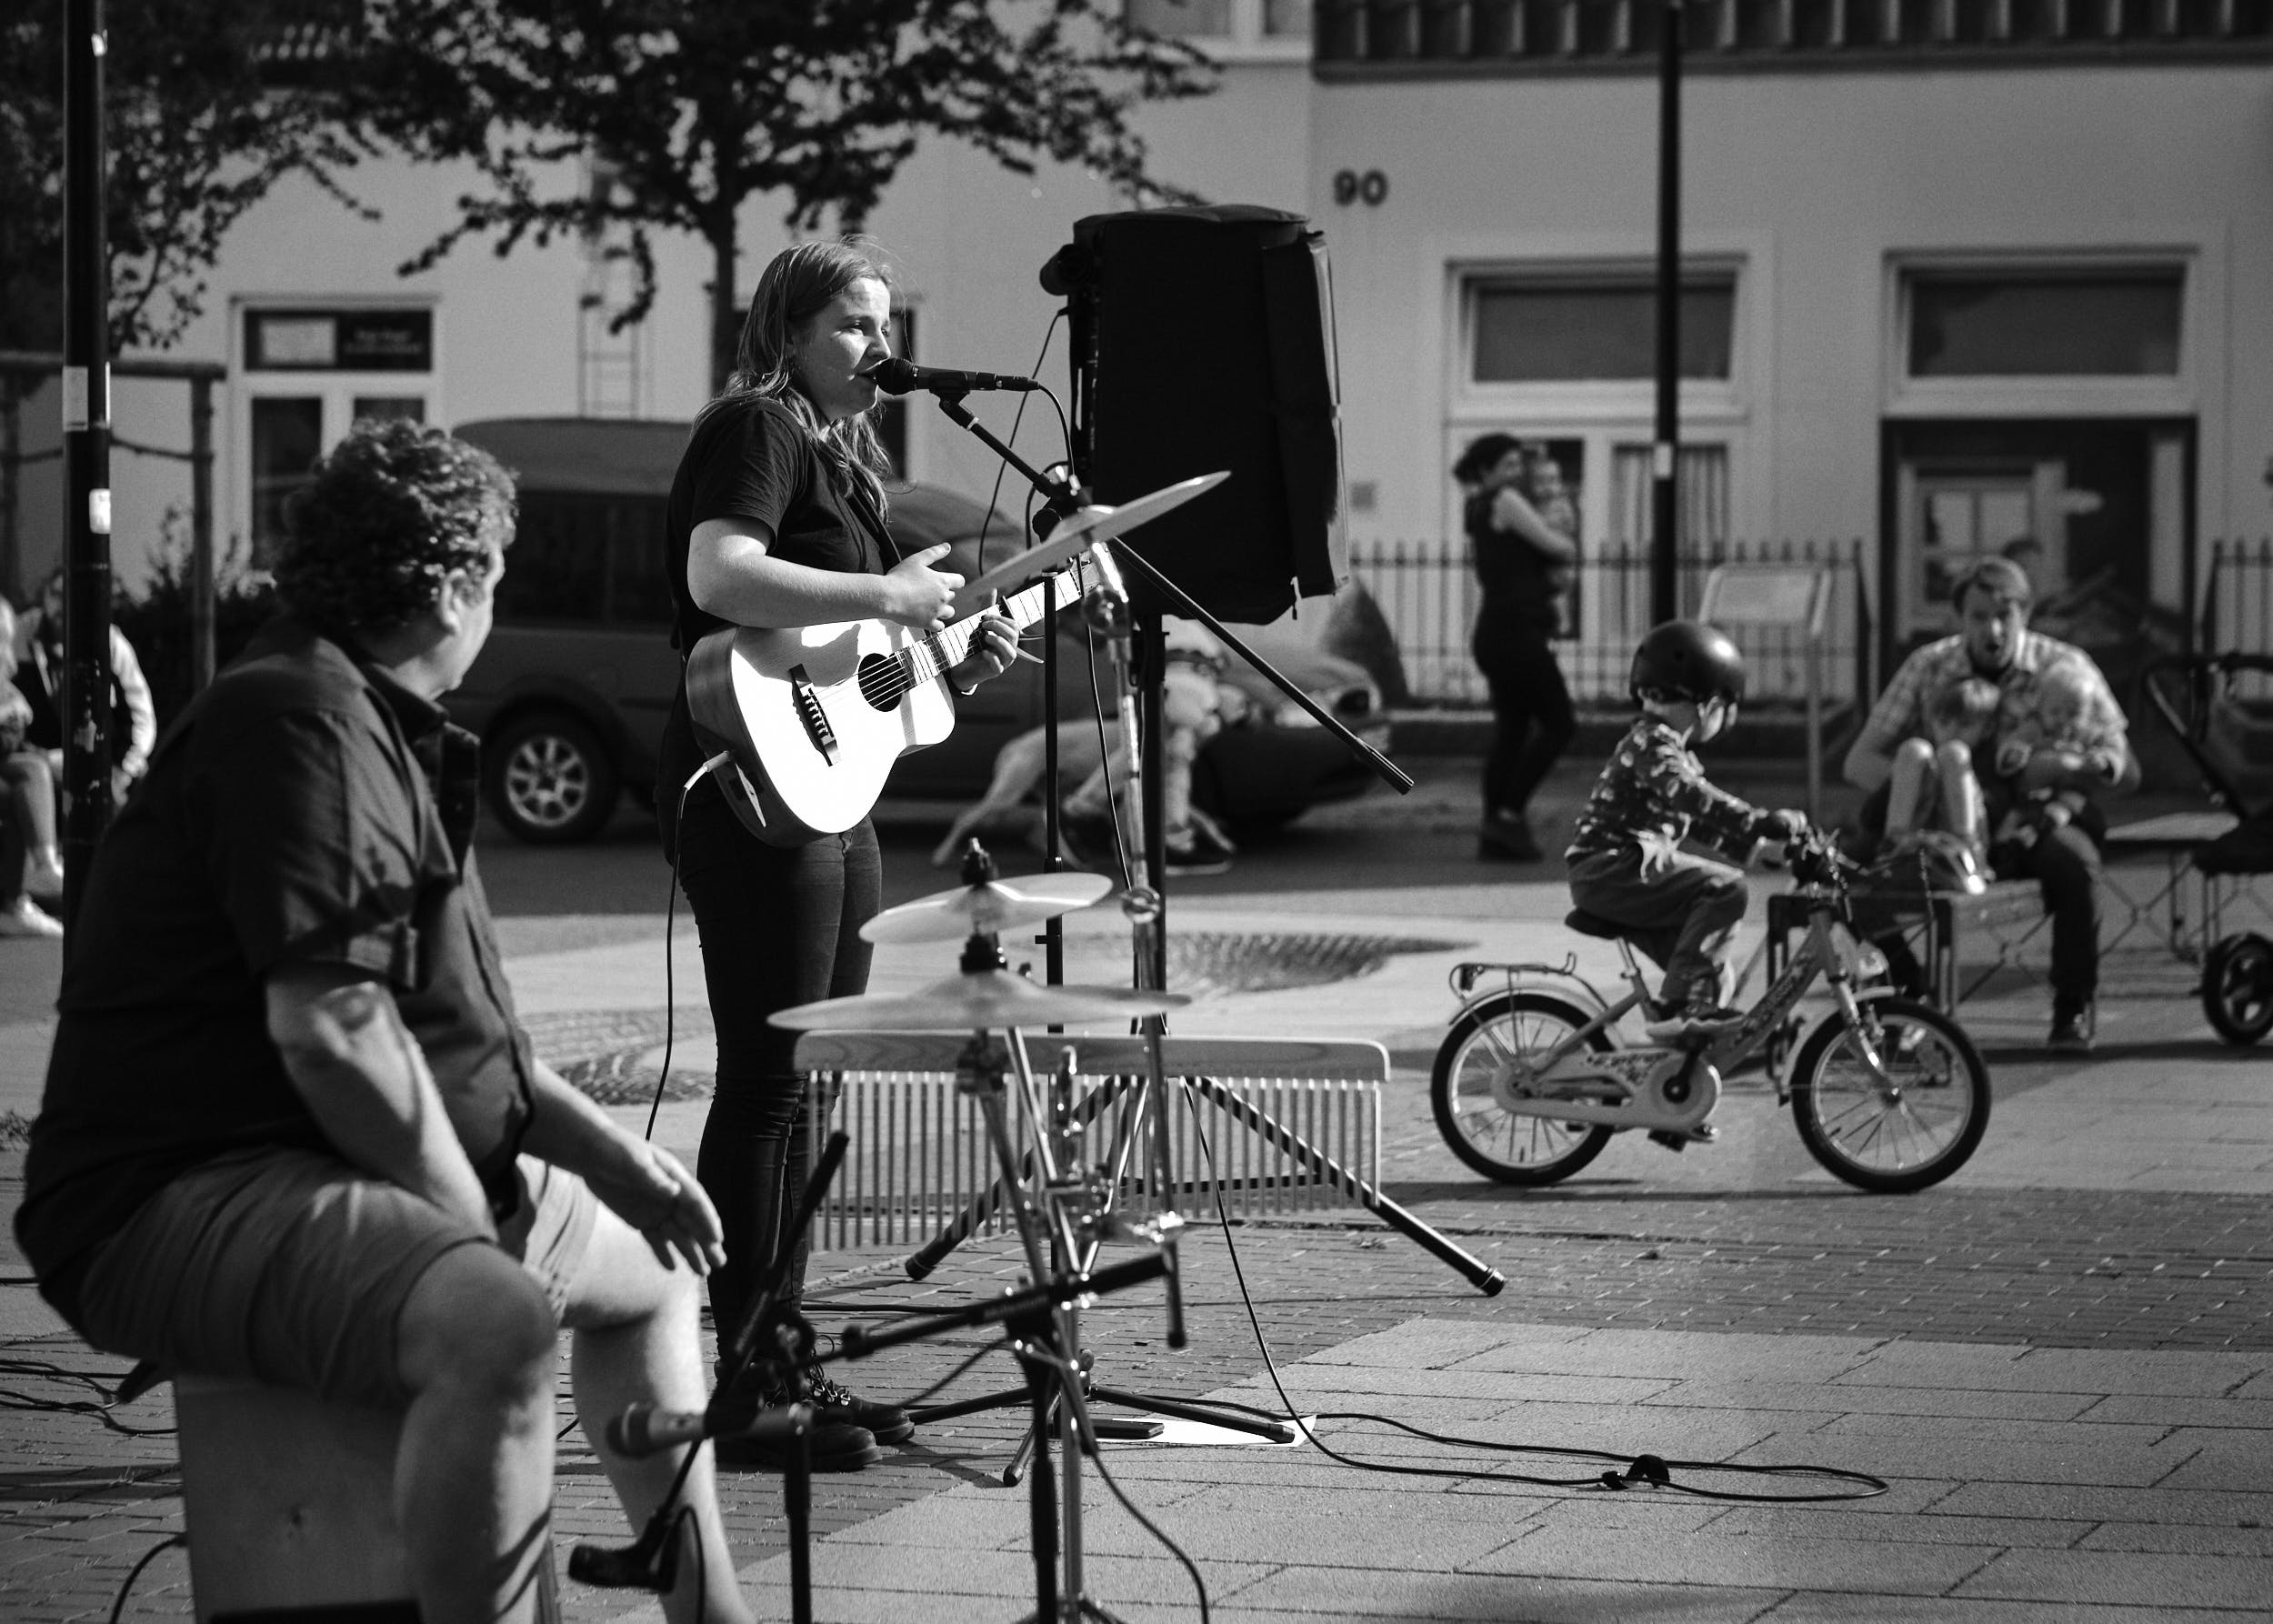 Marceline Daukant, Sommerfelder Platz, Vlotho, Kultursommer Vlotho 2020